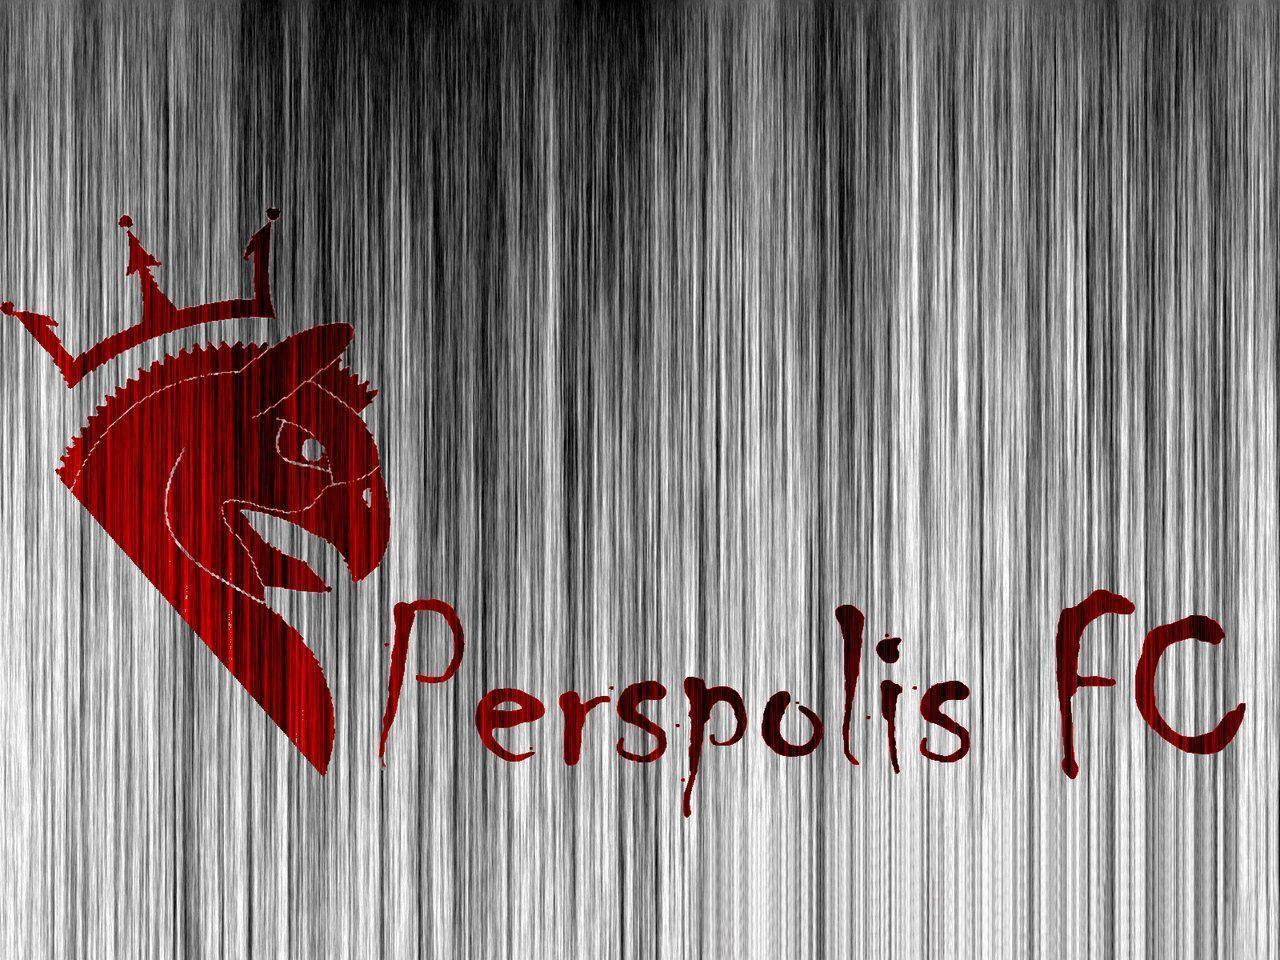 Persepolis F C Wallpapers Wallpaper Cave